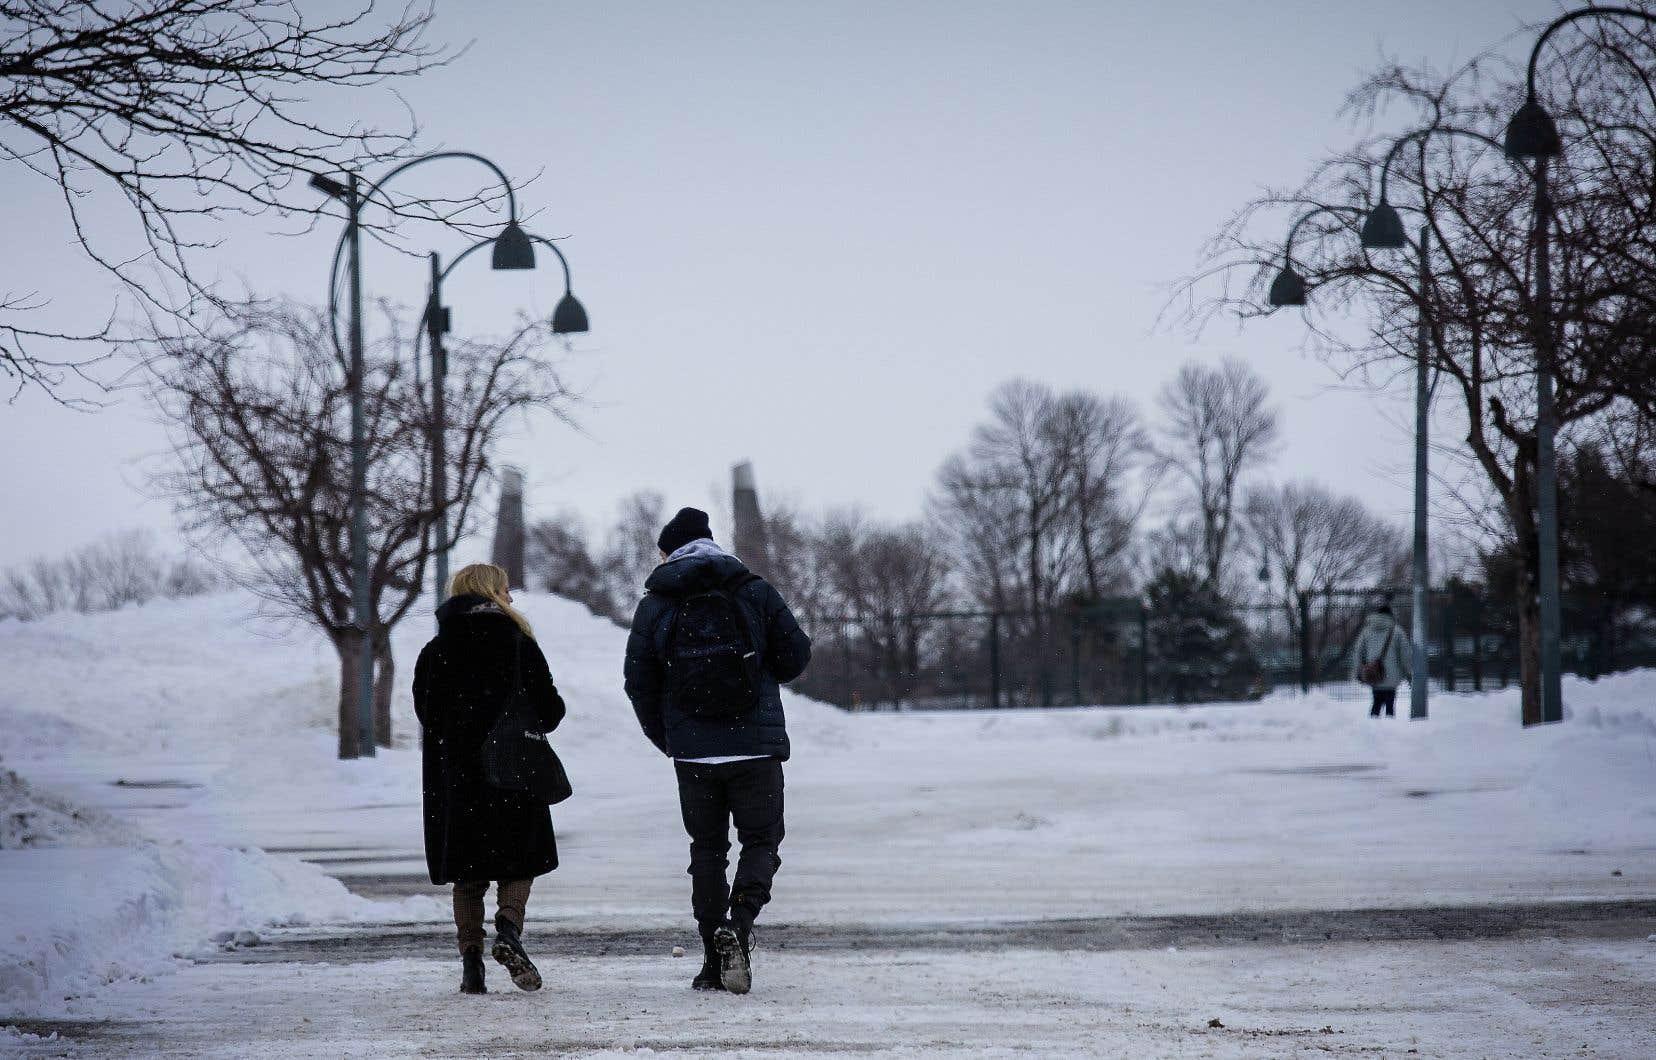 La distance ne fait pas mal qu'aux postillons. La conversation a perdu de sa fluidité.